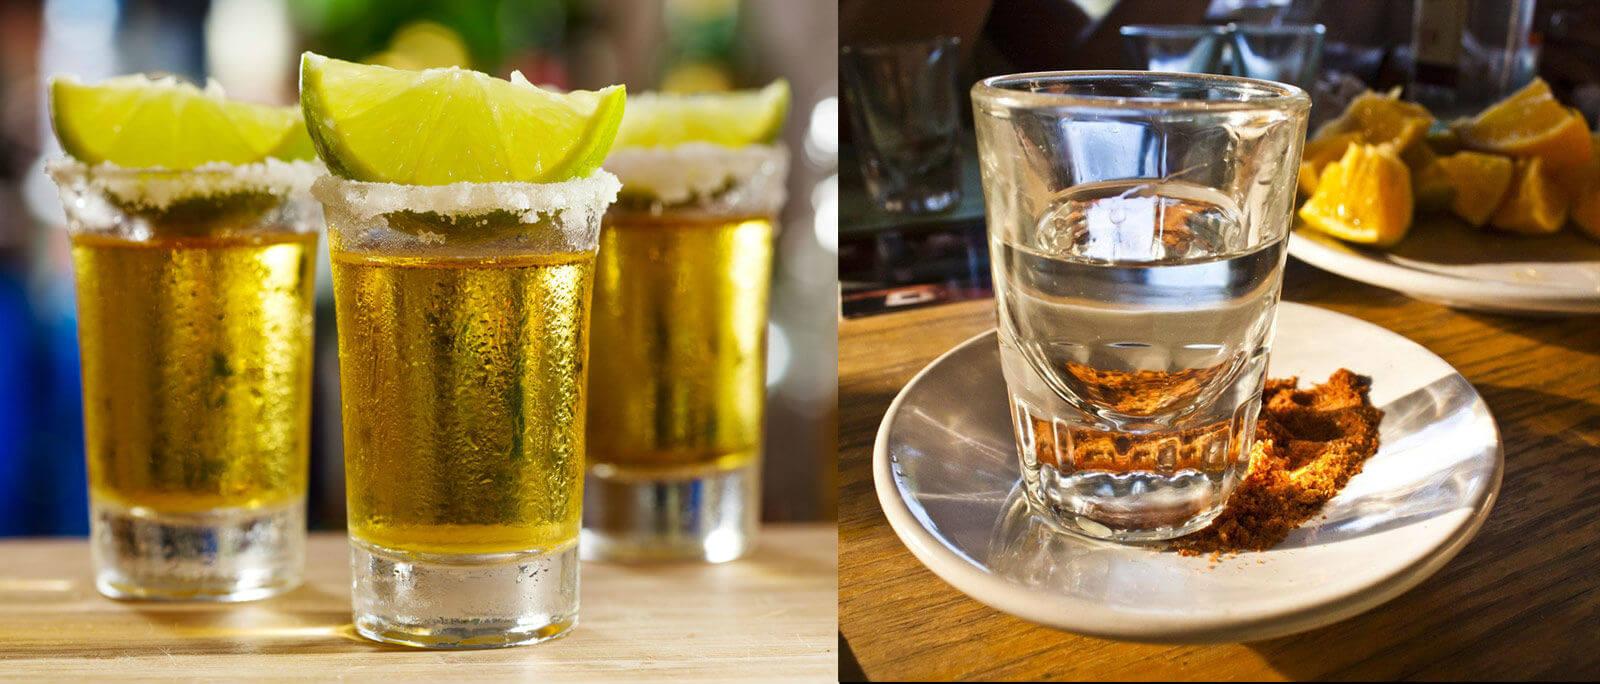 Tequila-y-Mezcal.jpg